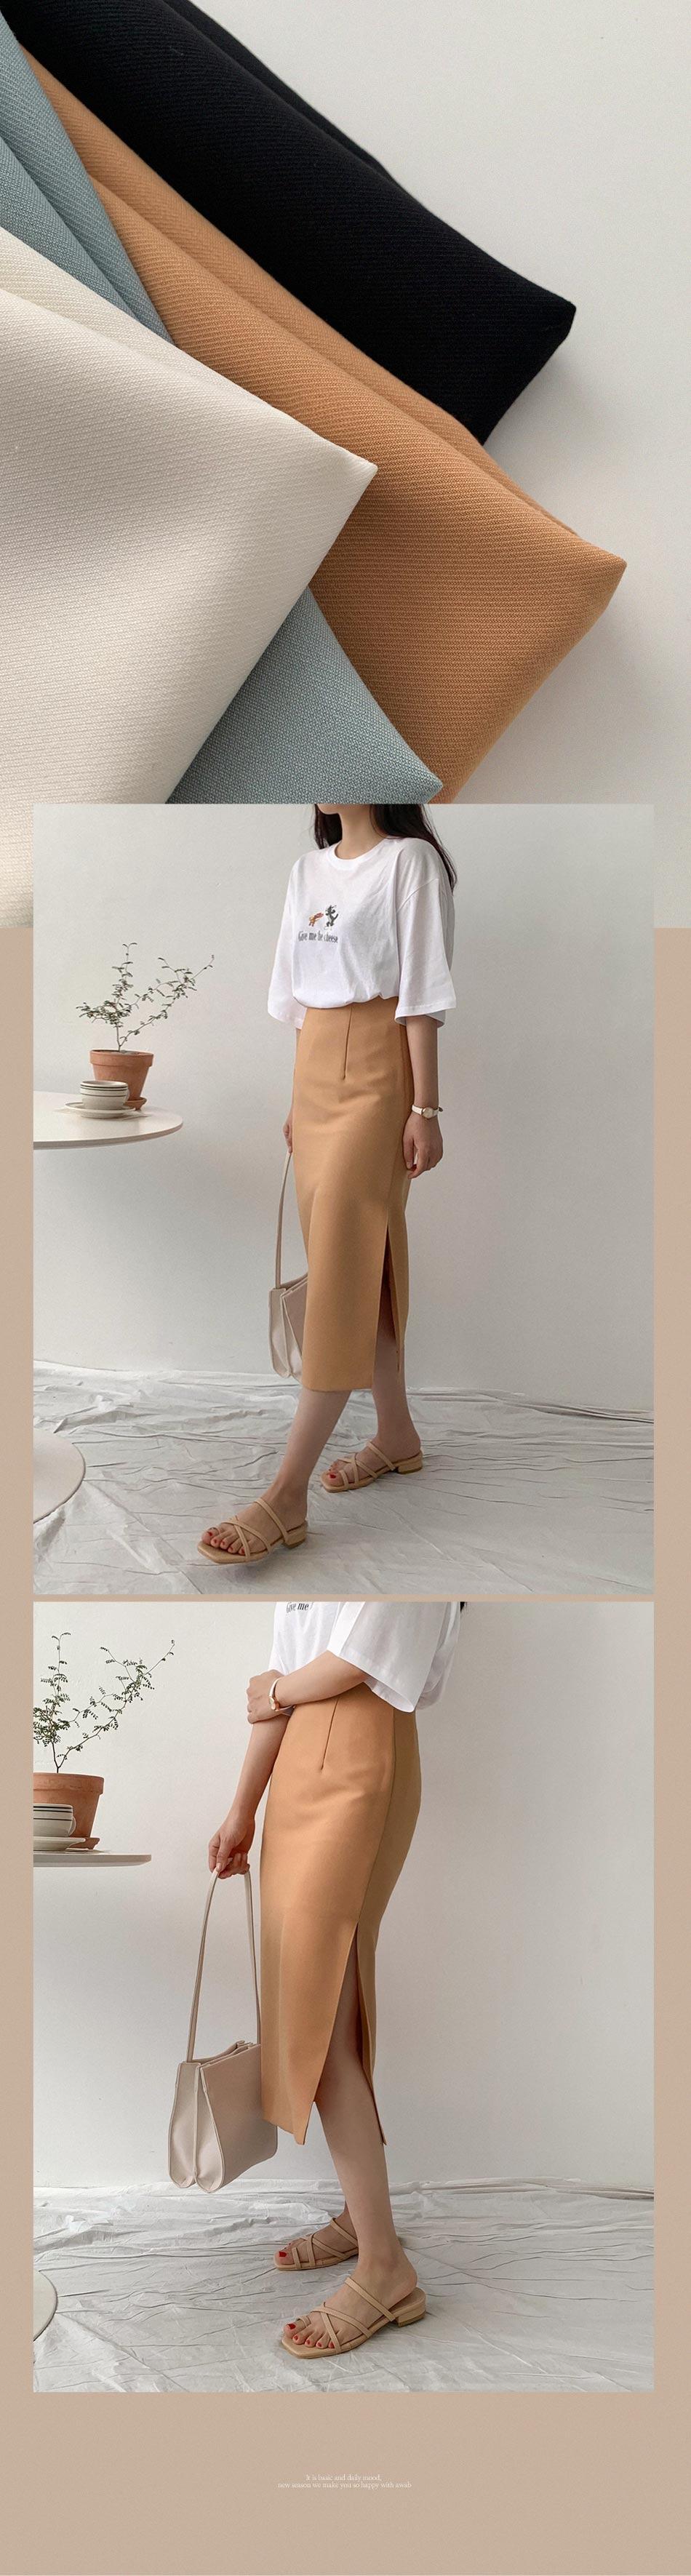 Toned H long skirt